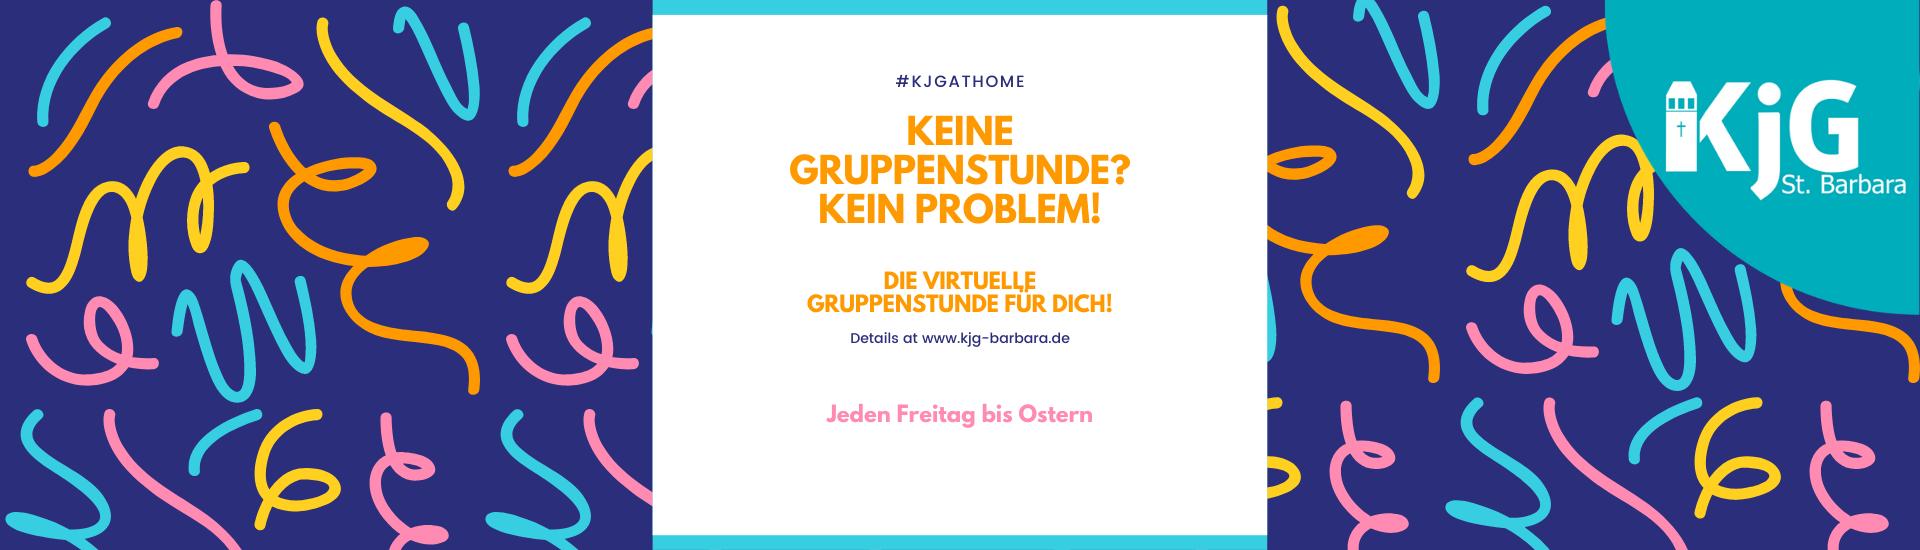 #KjGatHome - virtuelle Gruppenstunde für Zuhause